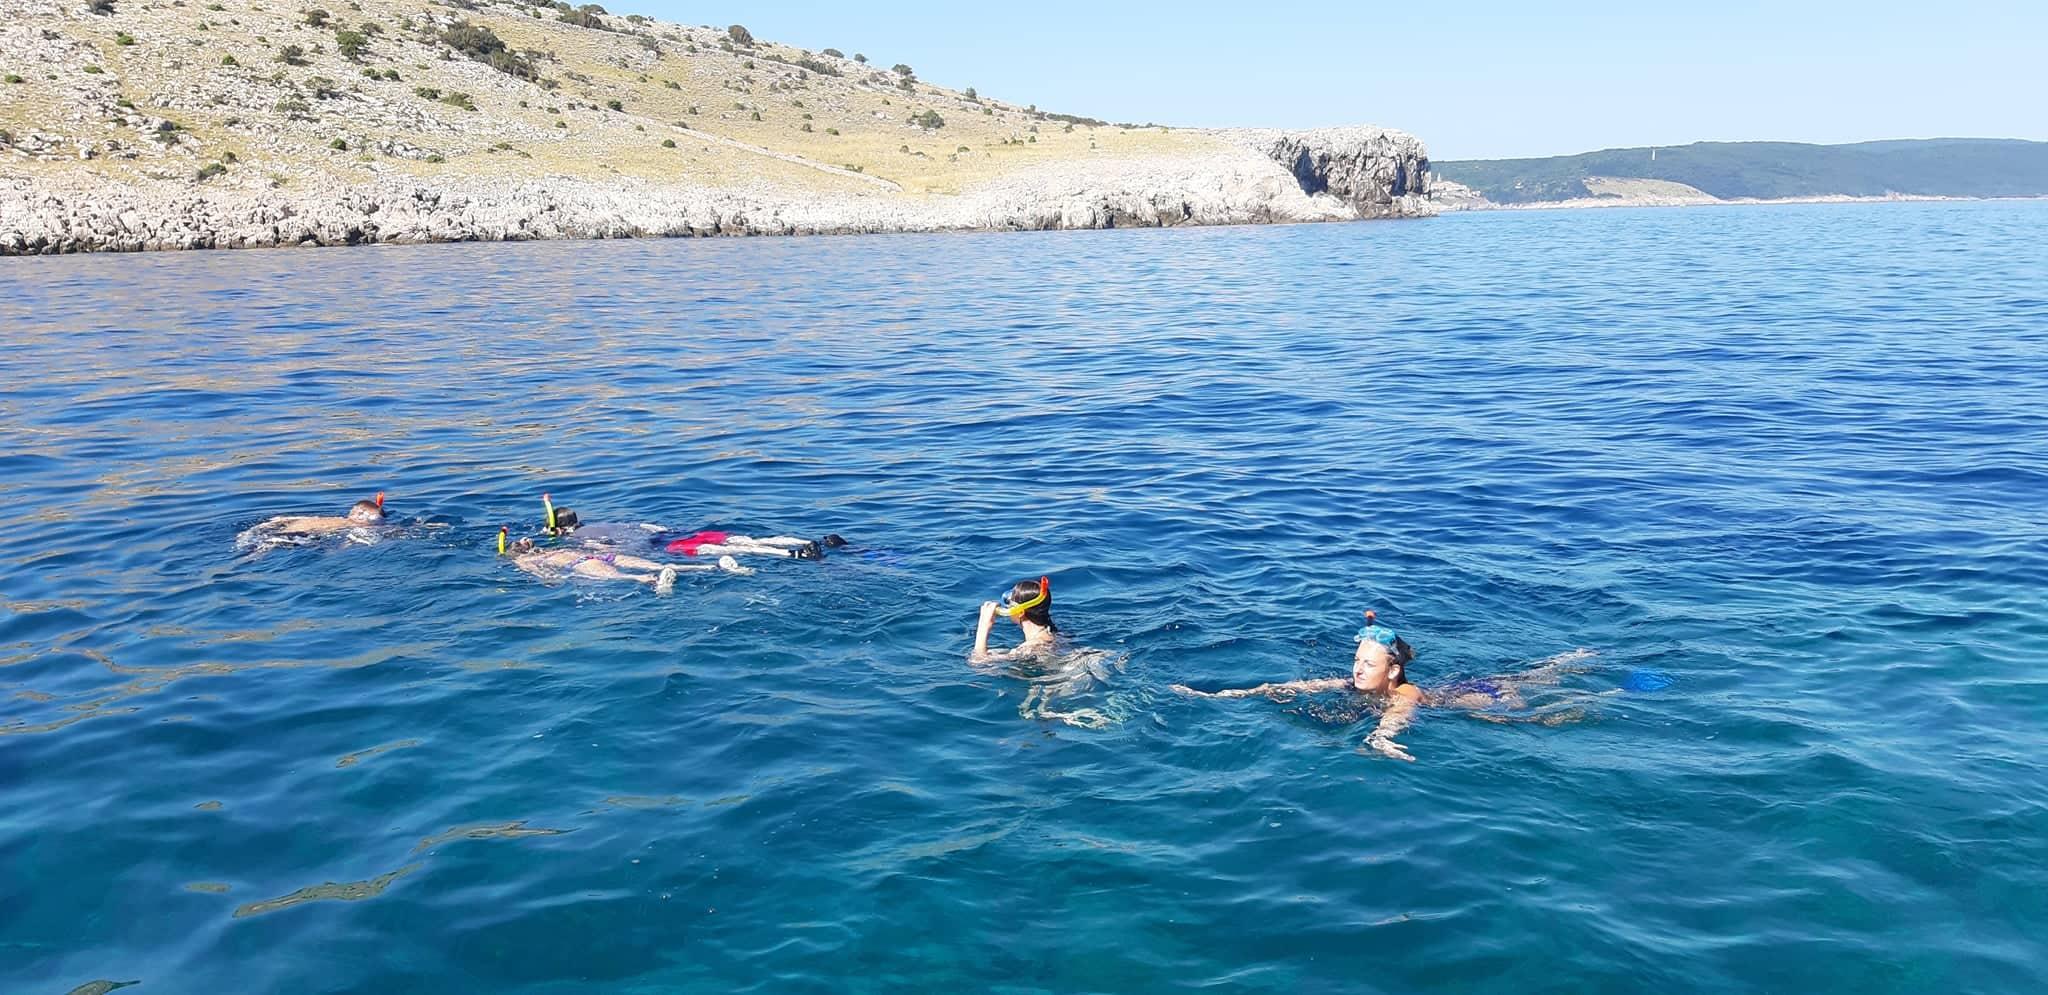 Island of Krk snorkeling boat trip experience in Croatia